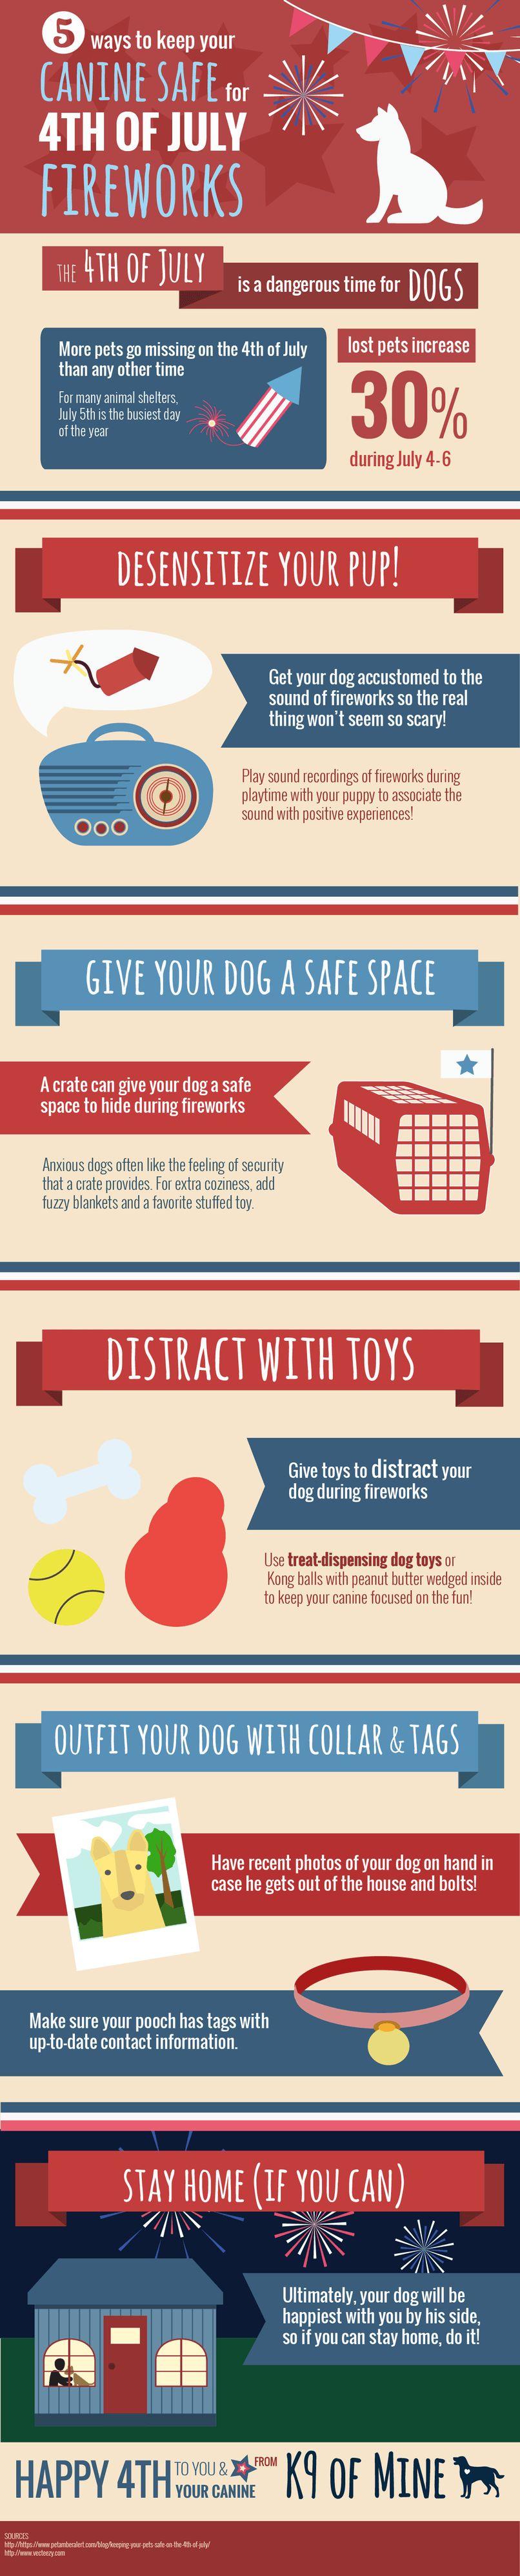 Cómo mantener su perro seguro para el 4 de julio de fuegos artificiales [infografía]